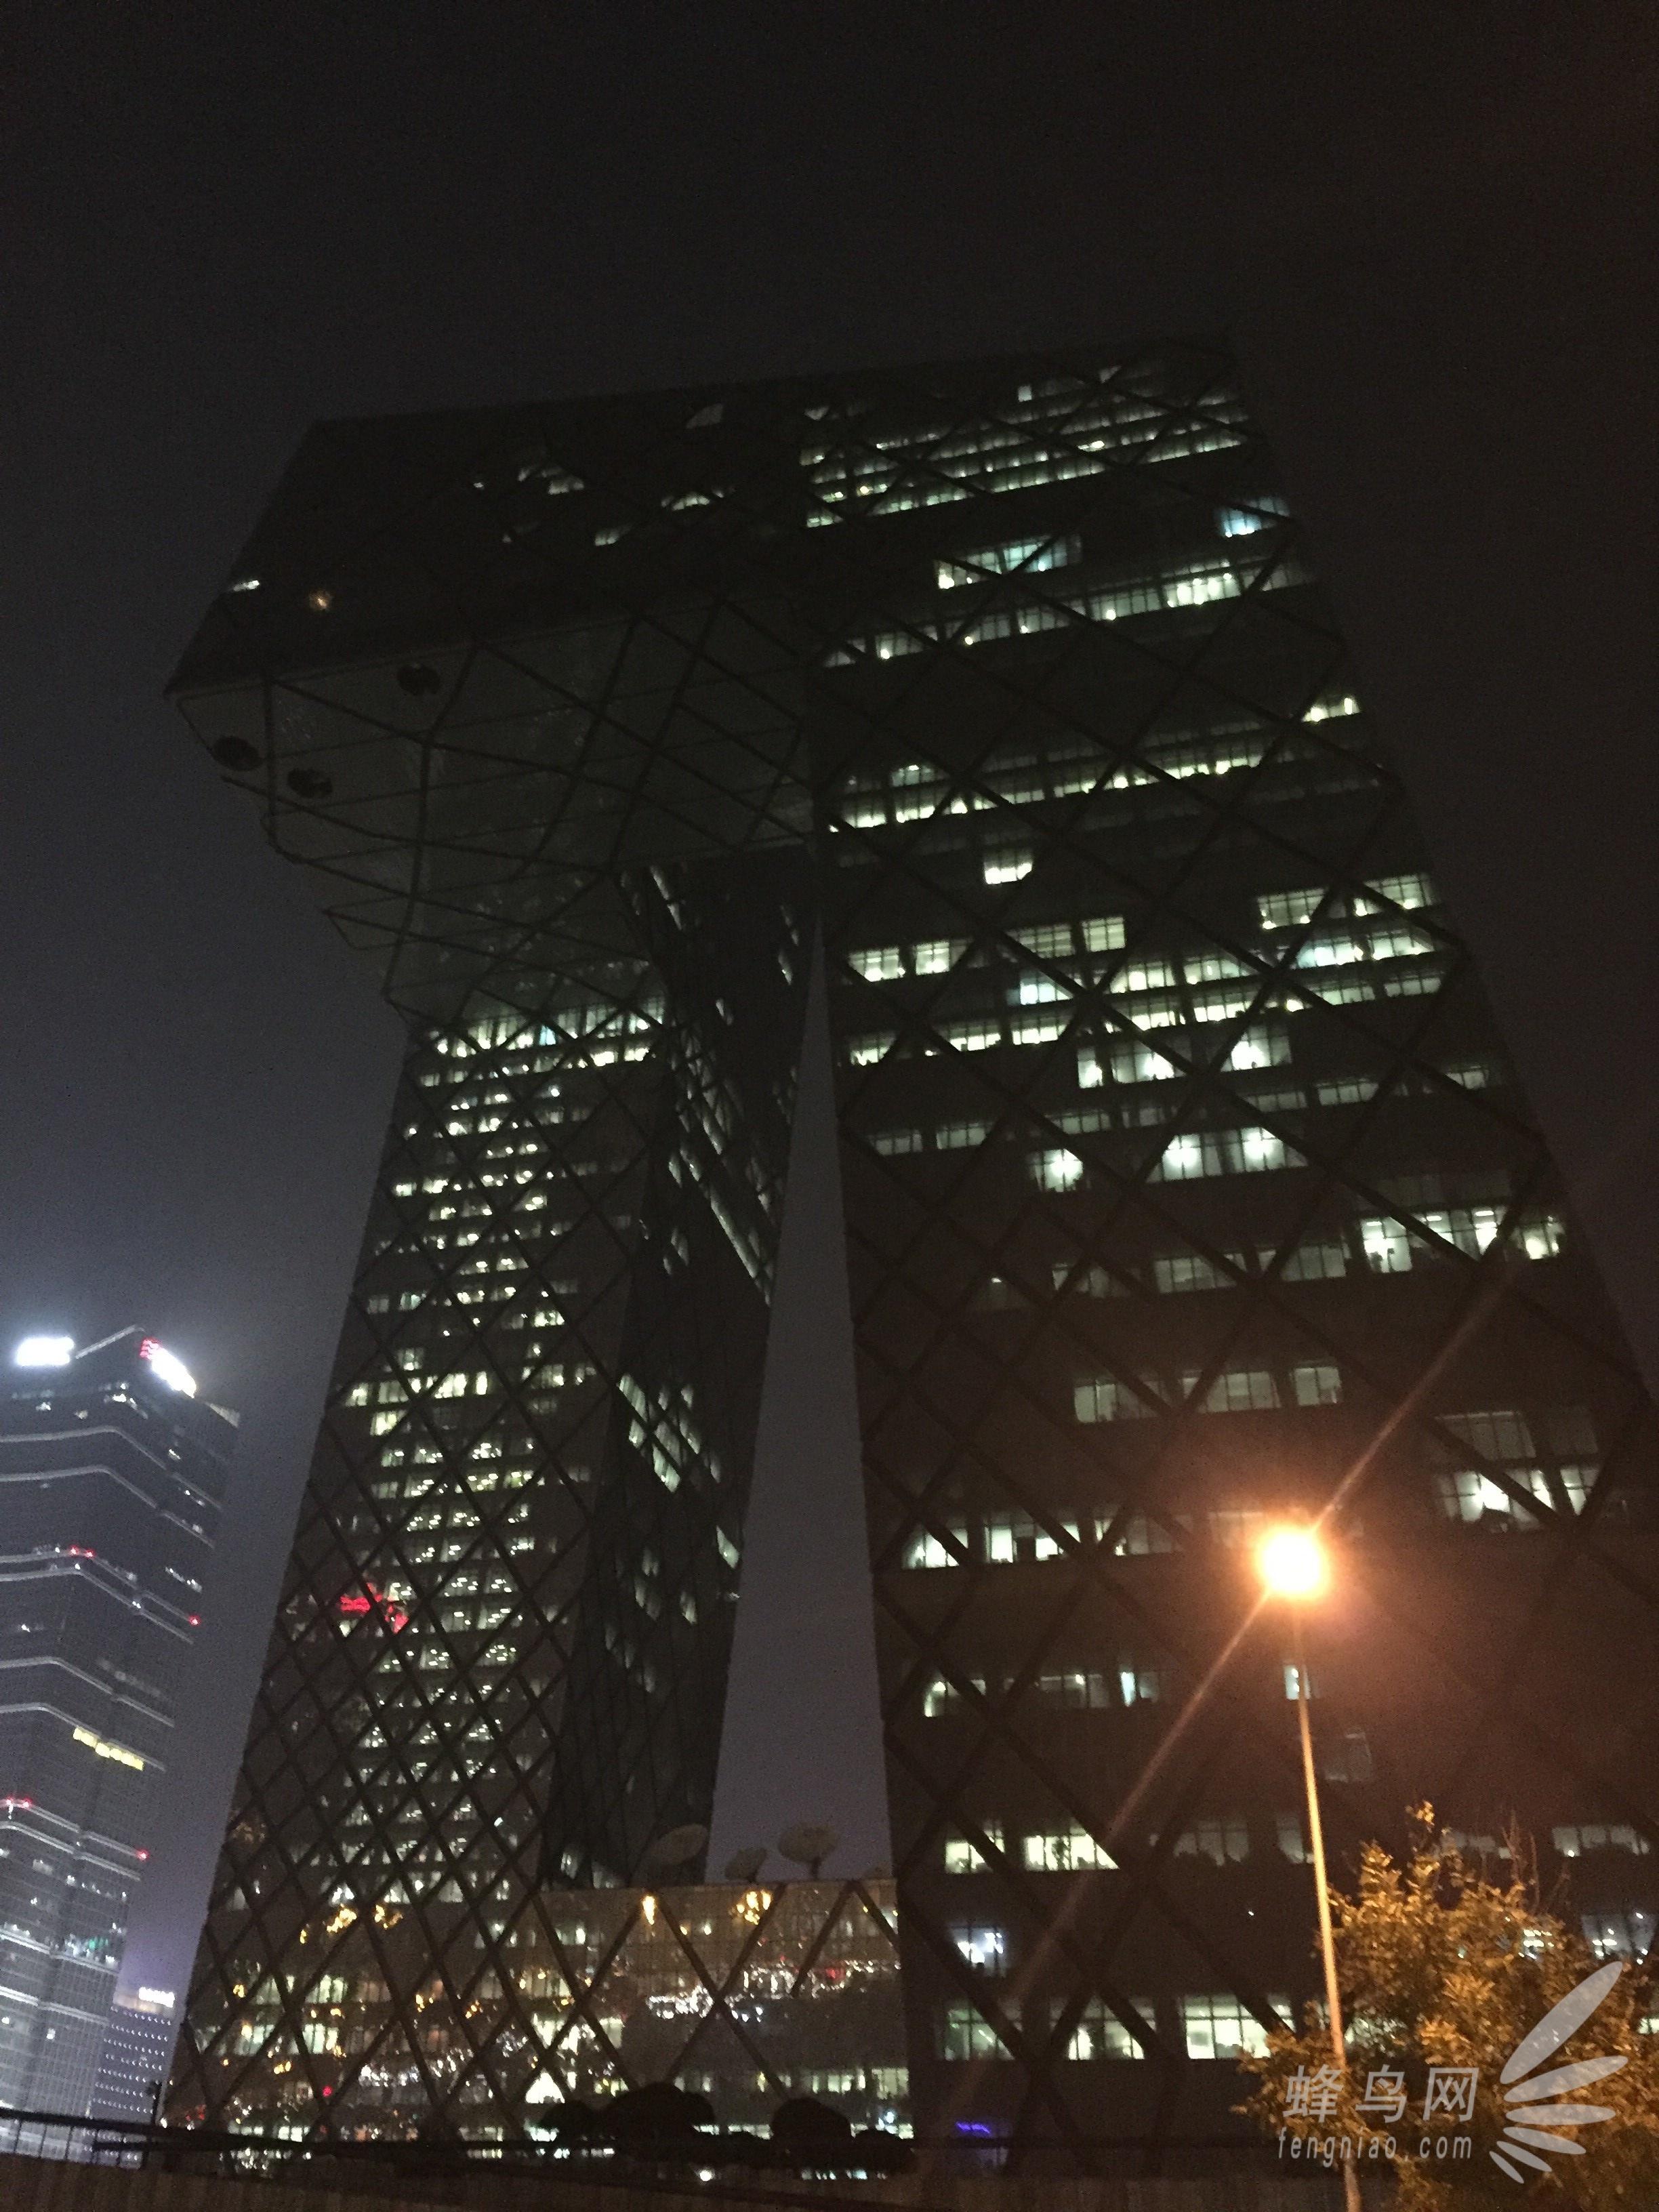 手机轻摄影之城市夜景拍摄及后期经验分享